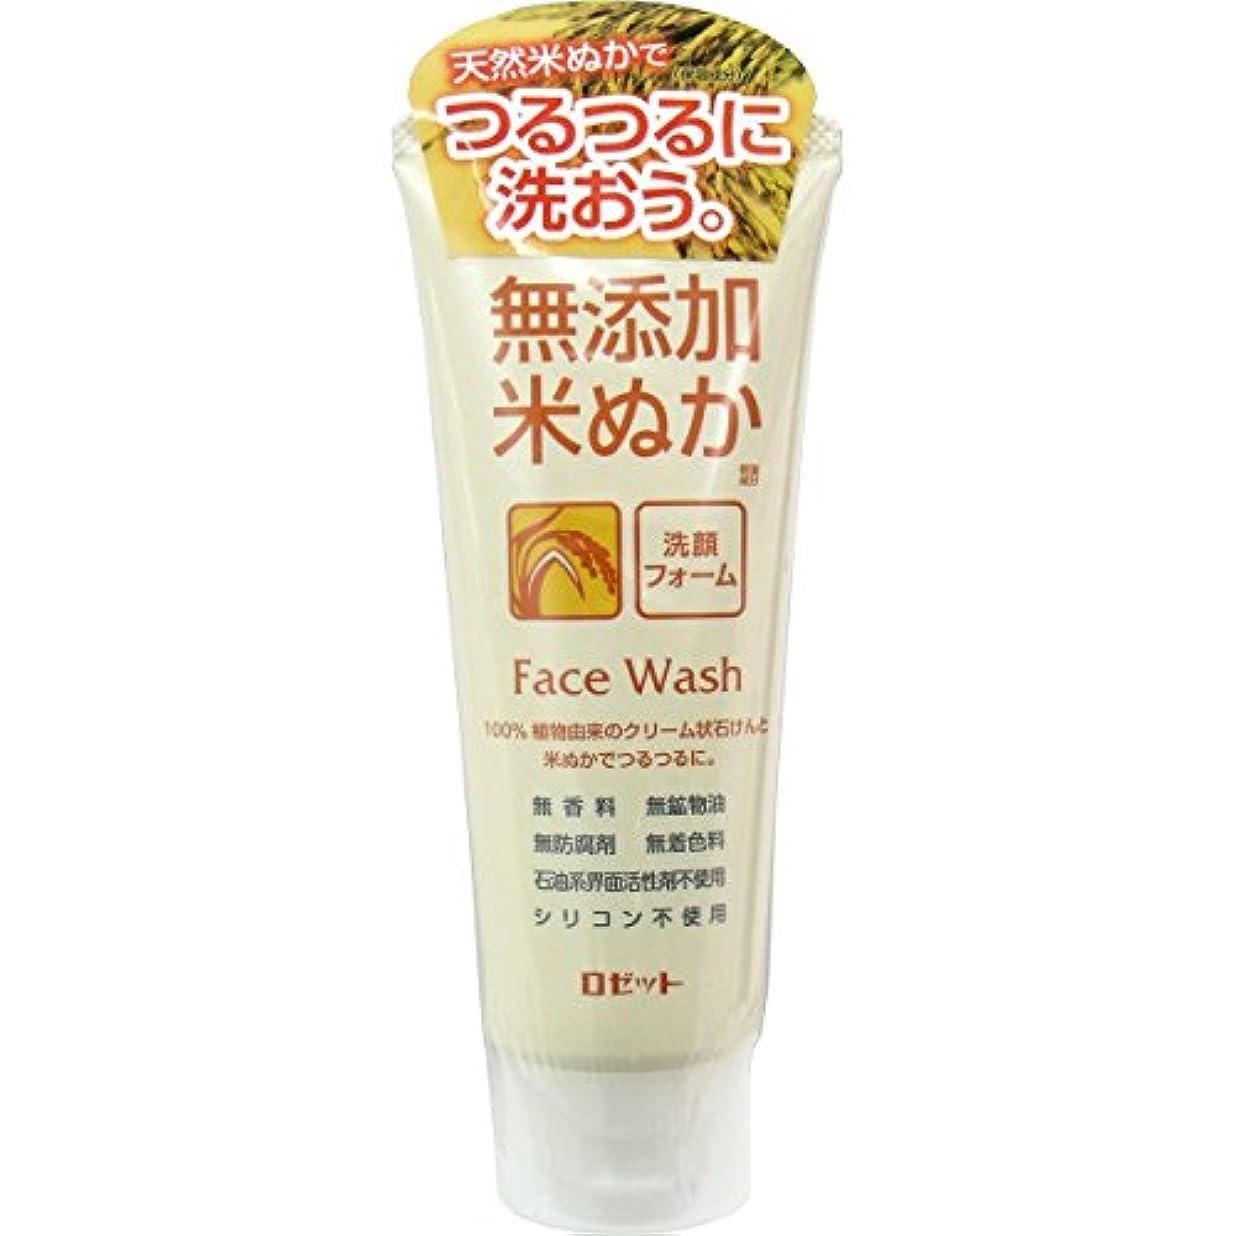 役職カリキュラム半円【ロゼット】無添加米ぬか洗顔フォーム 140g ×20個セット